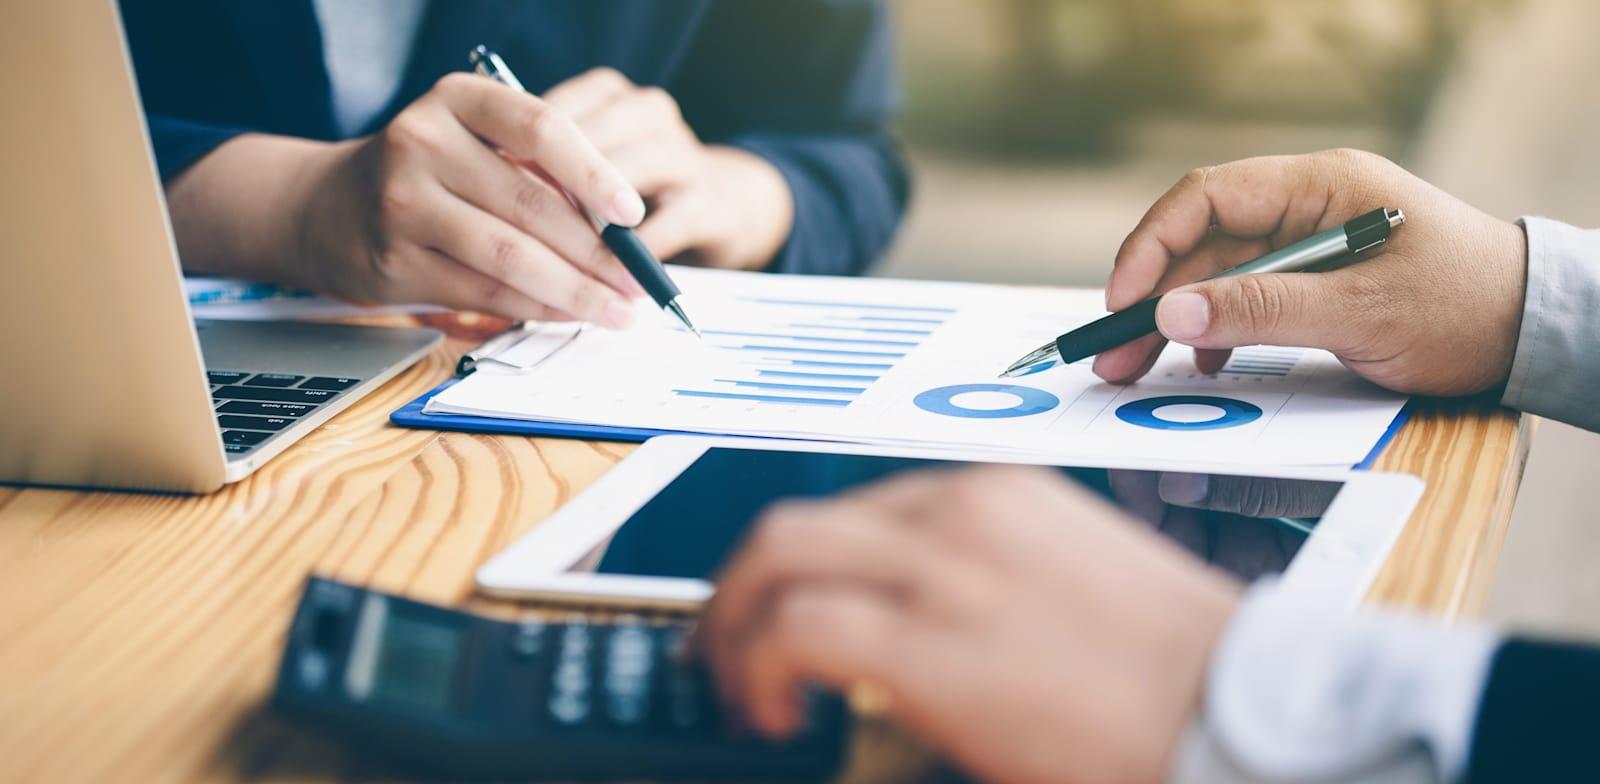 בעידן הענן החשיבה בארגונים פיננסיים משתנית / צילום: Shutterstock